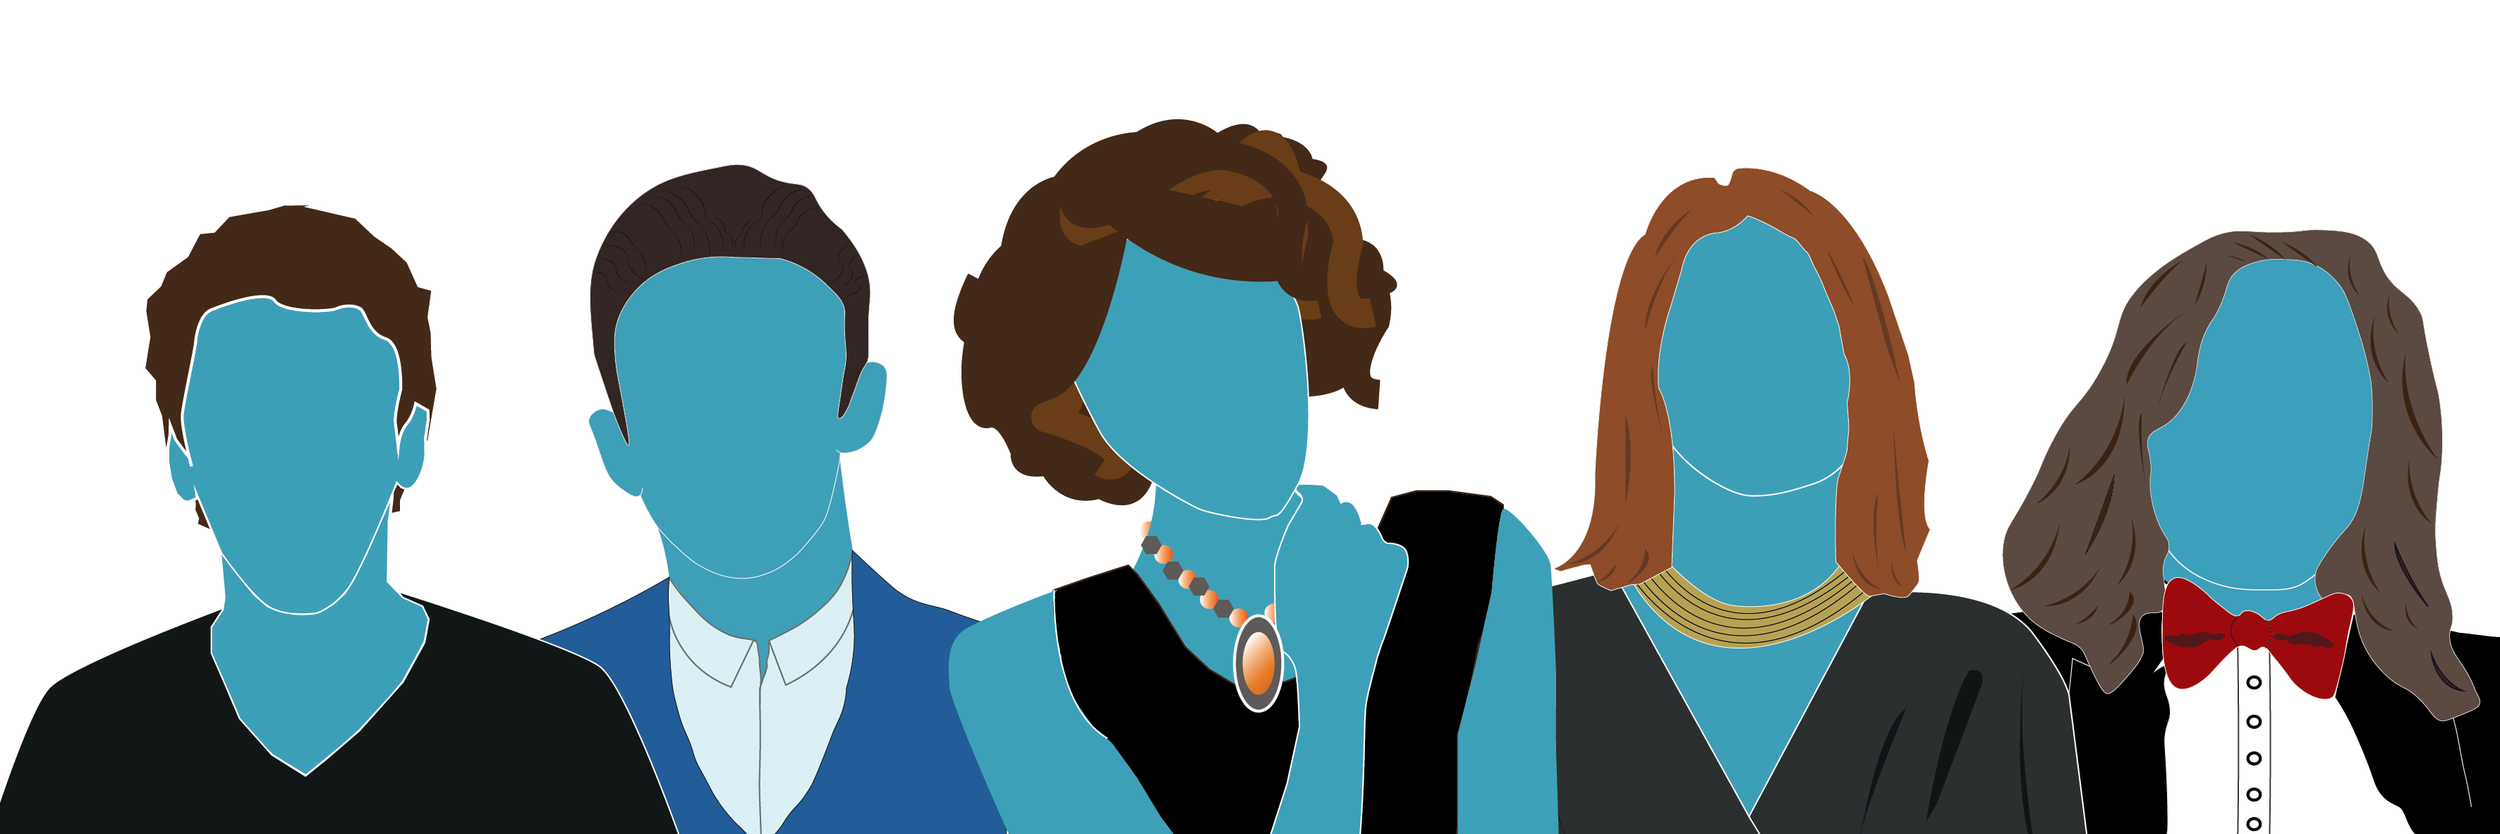 3equals1 Design team image avatars